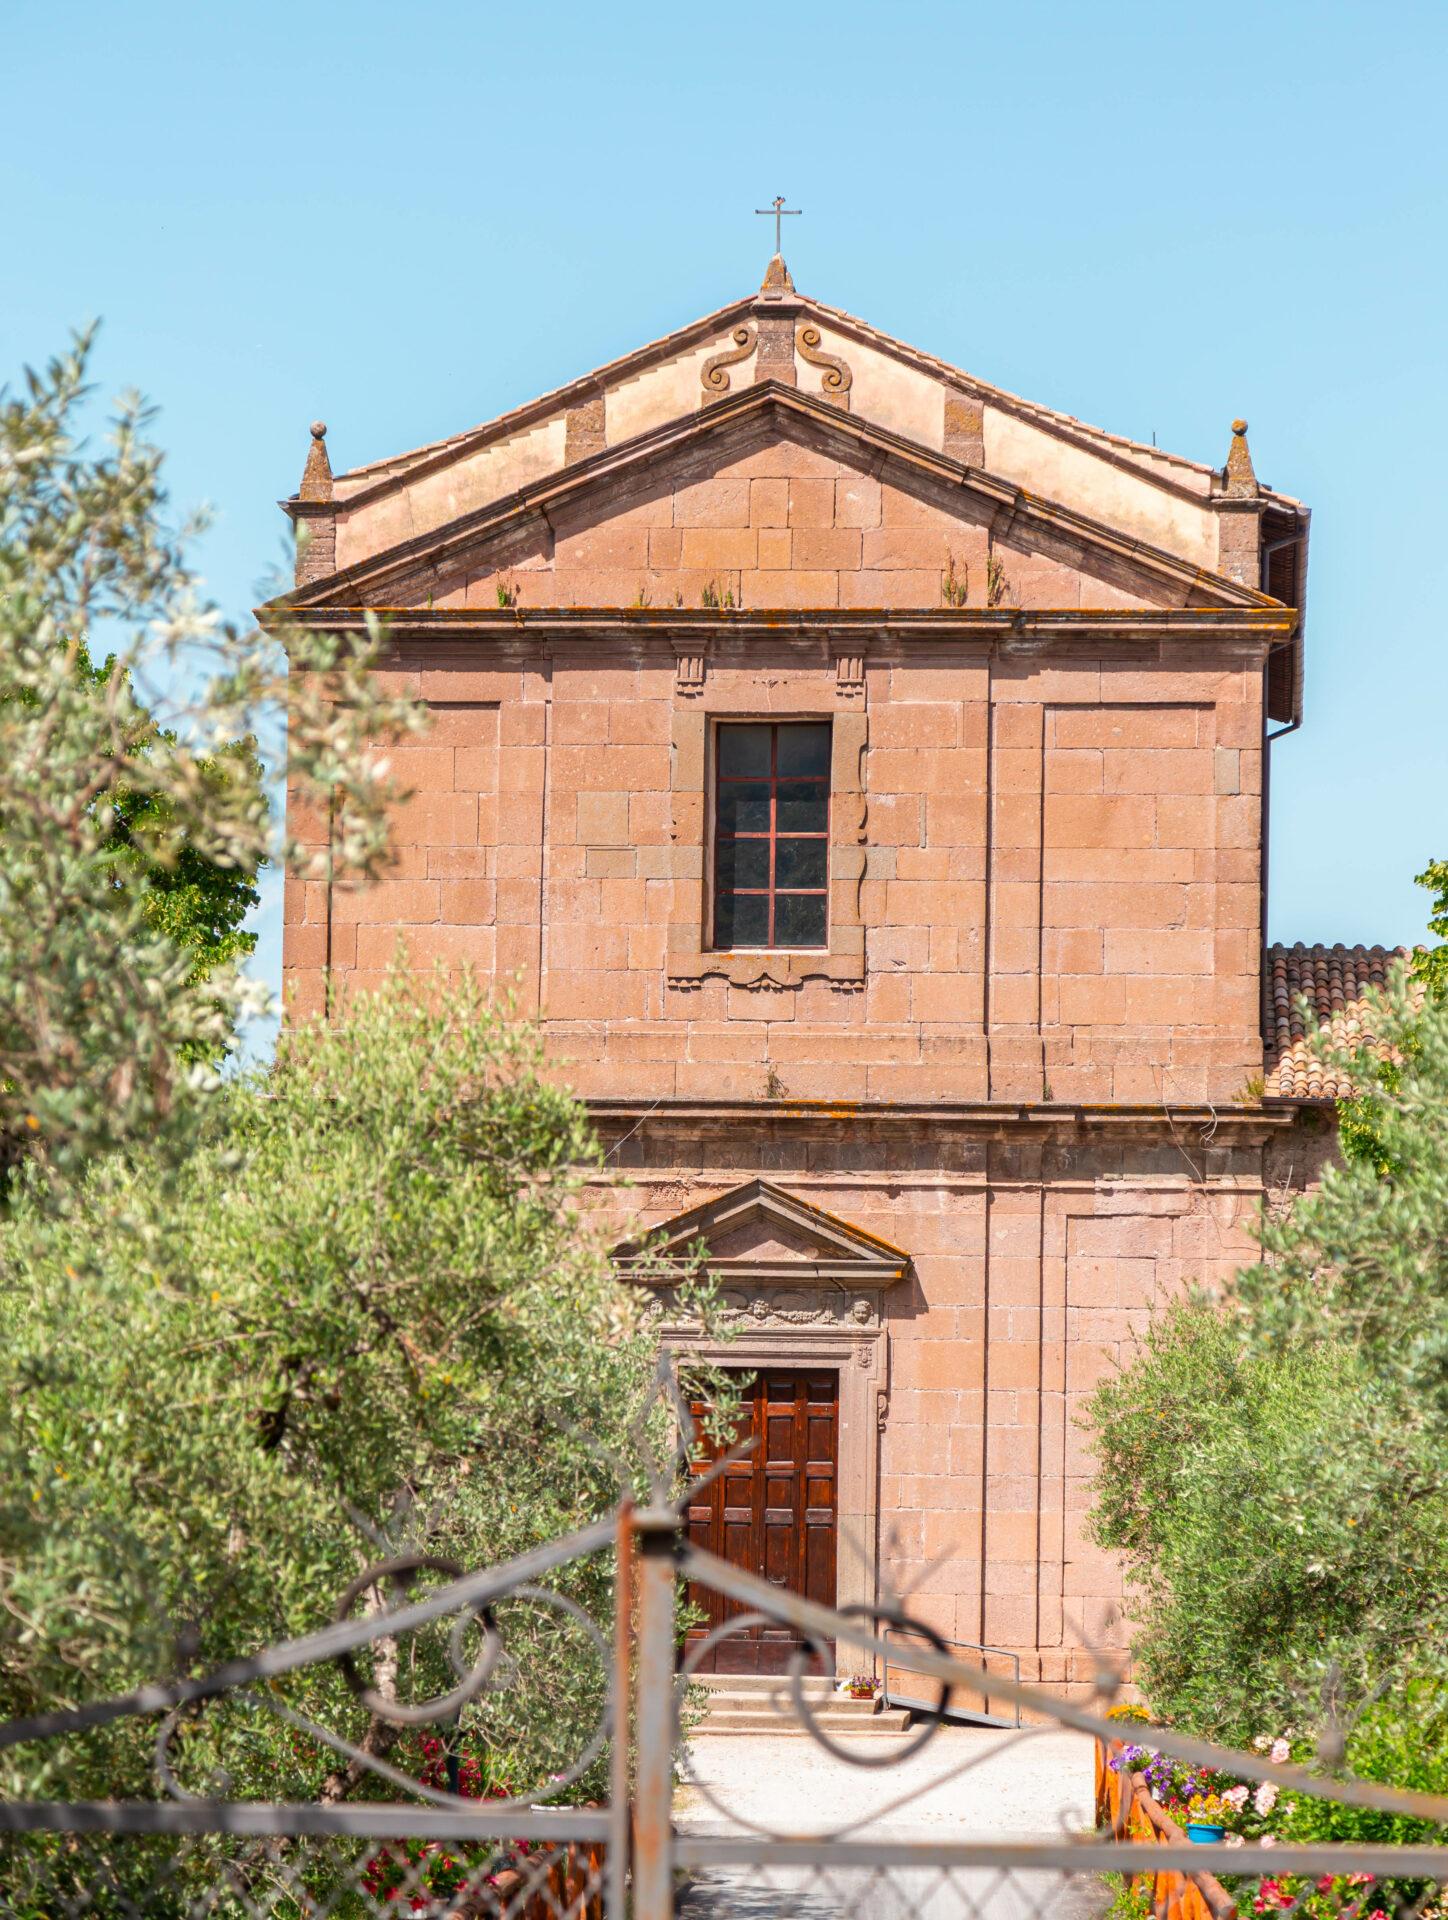 Cimitero di Santa Maria in Poggio